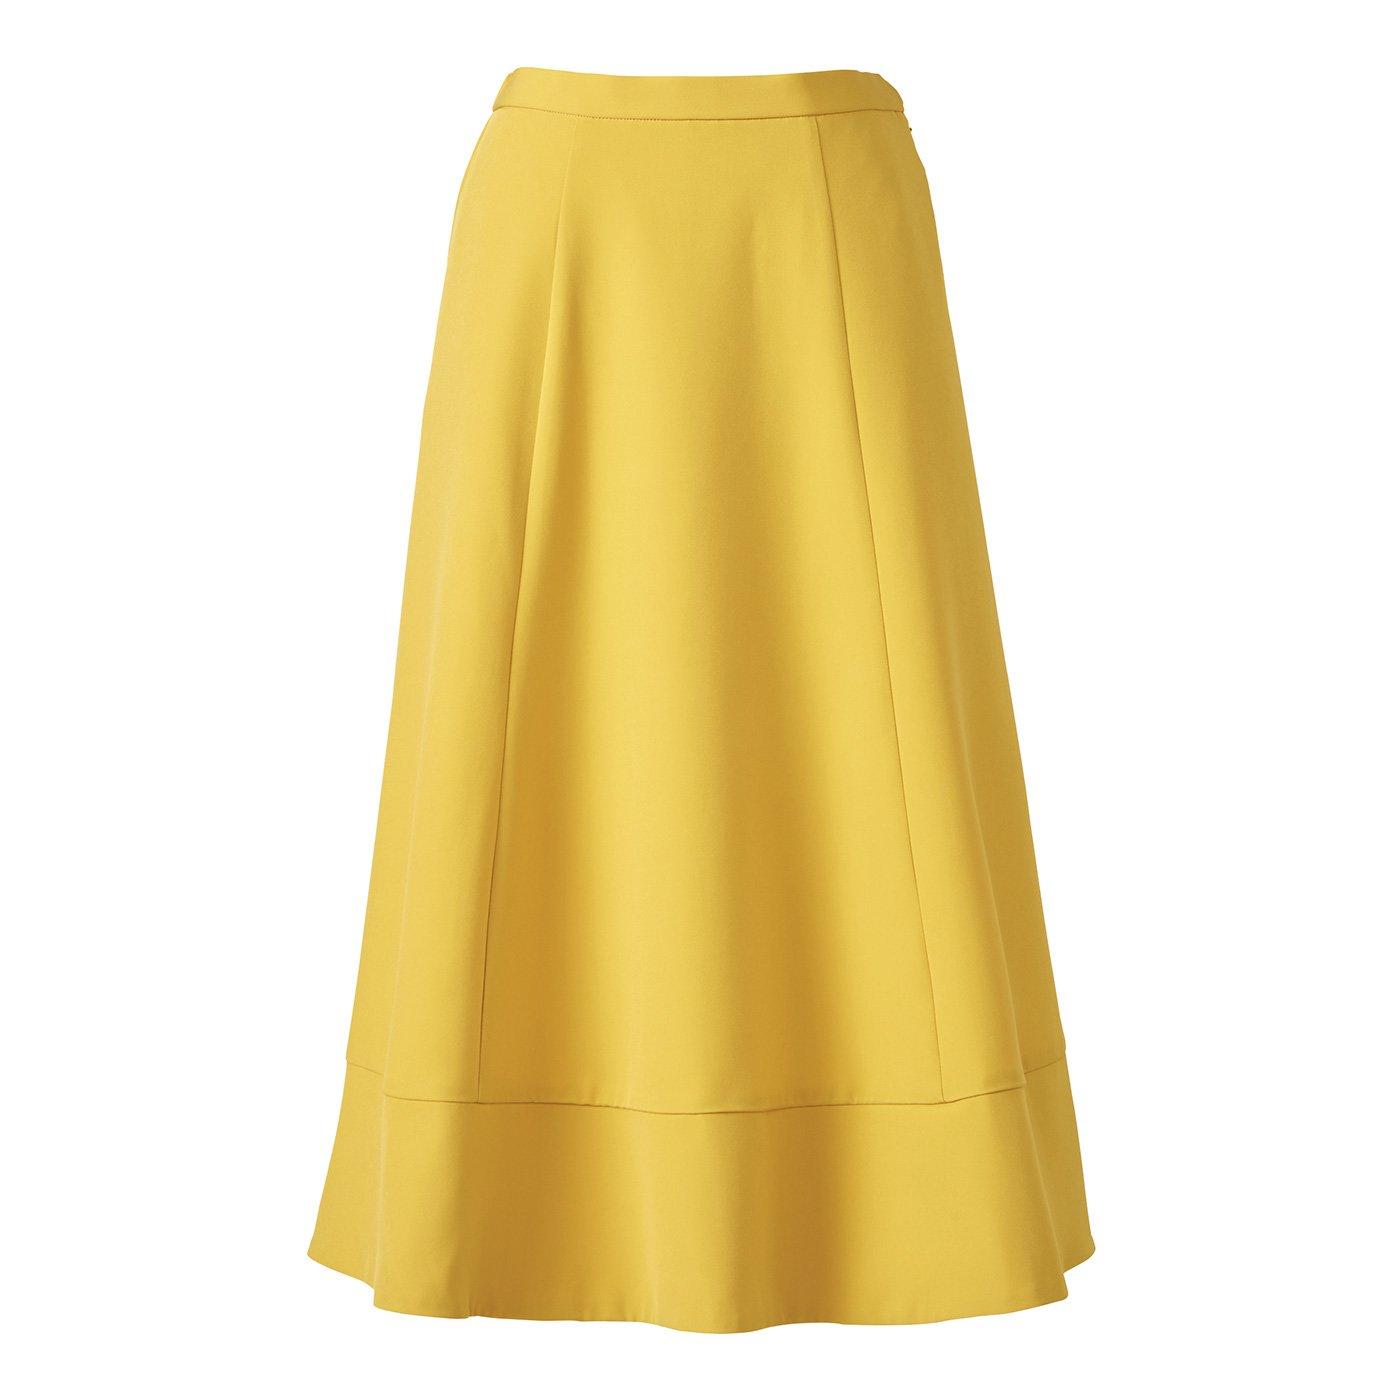 【3~10日でお届け】IEDIT[イディット] たっぷりフレアーがドラマティックなミドル丈スカート〈イエロー〉